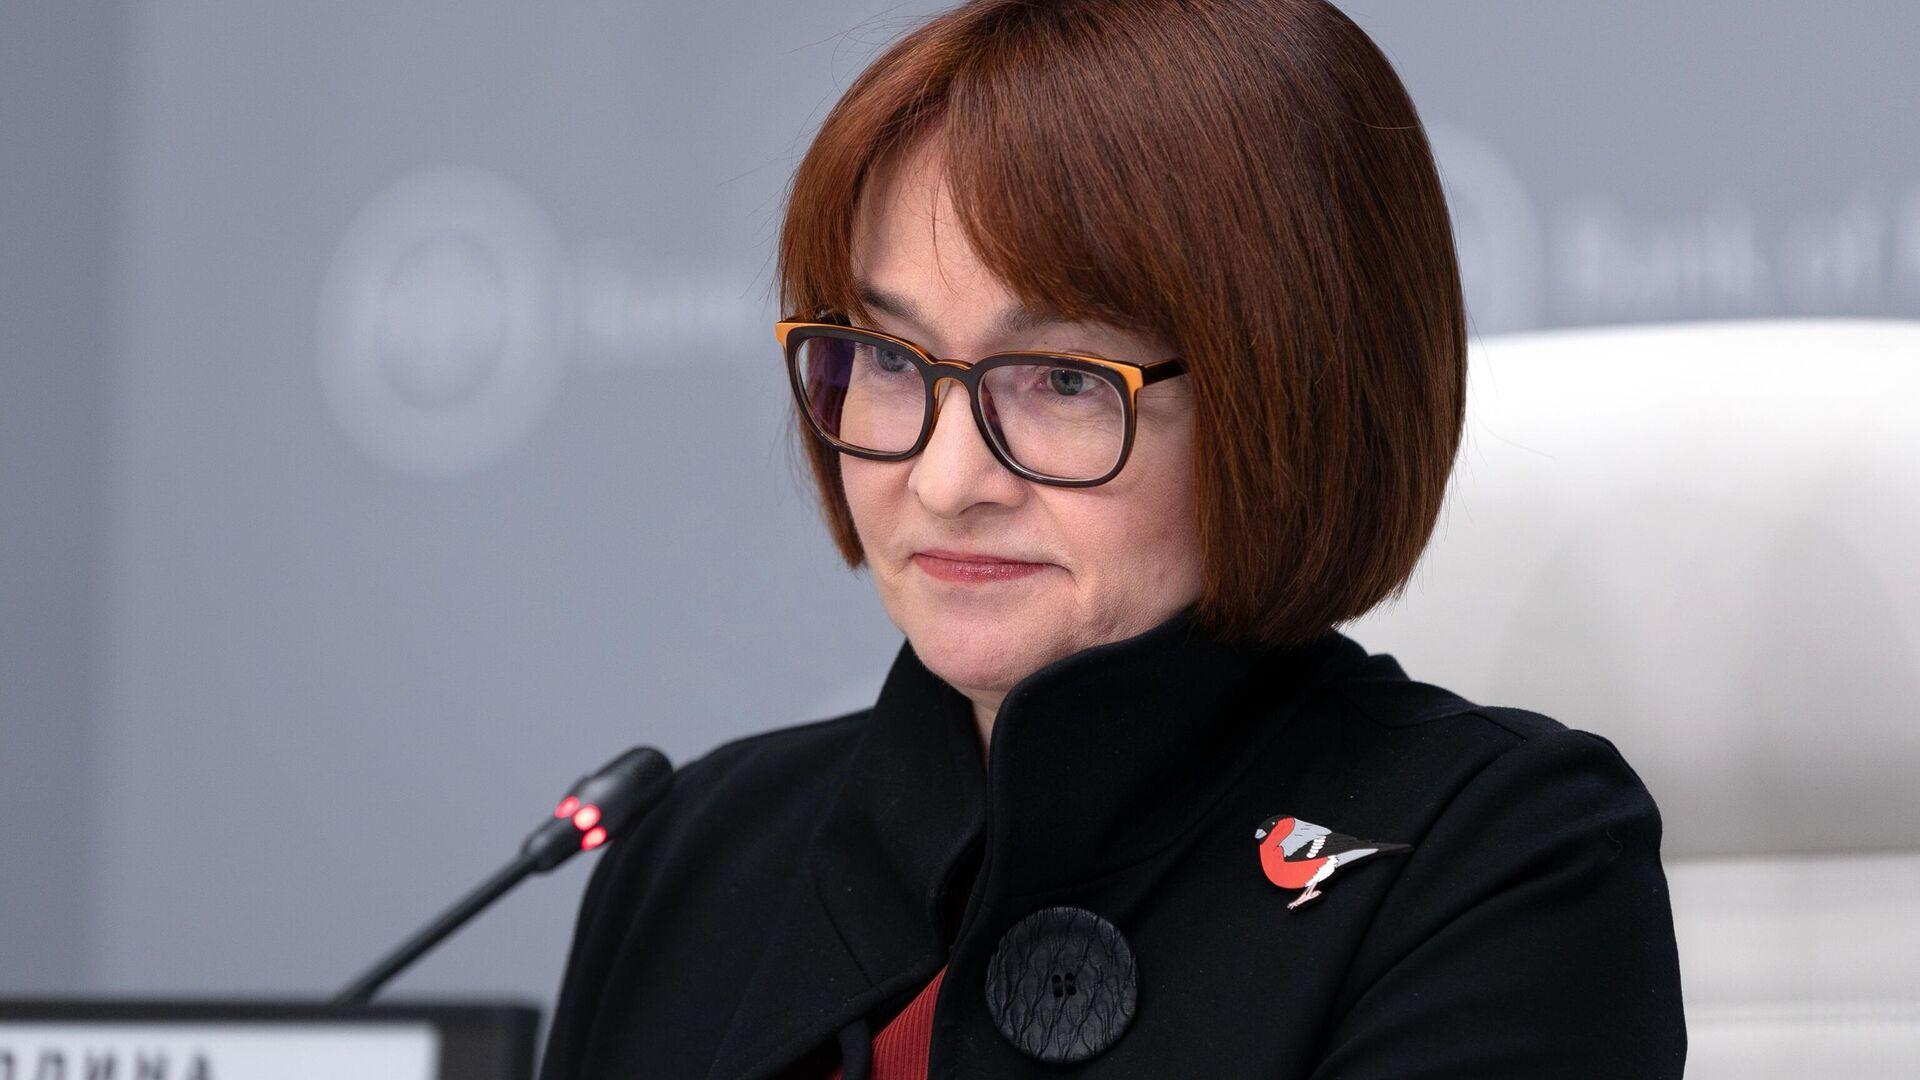 Председатель Центрального банка РФ Эльвира Набиуллина выступает на пресс-конференции - РИА Новости, 1920, 23.07.2021